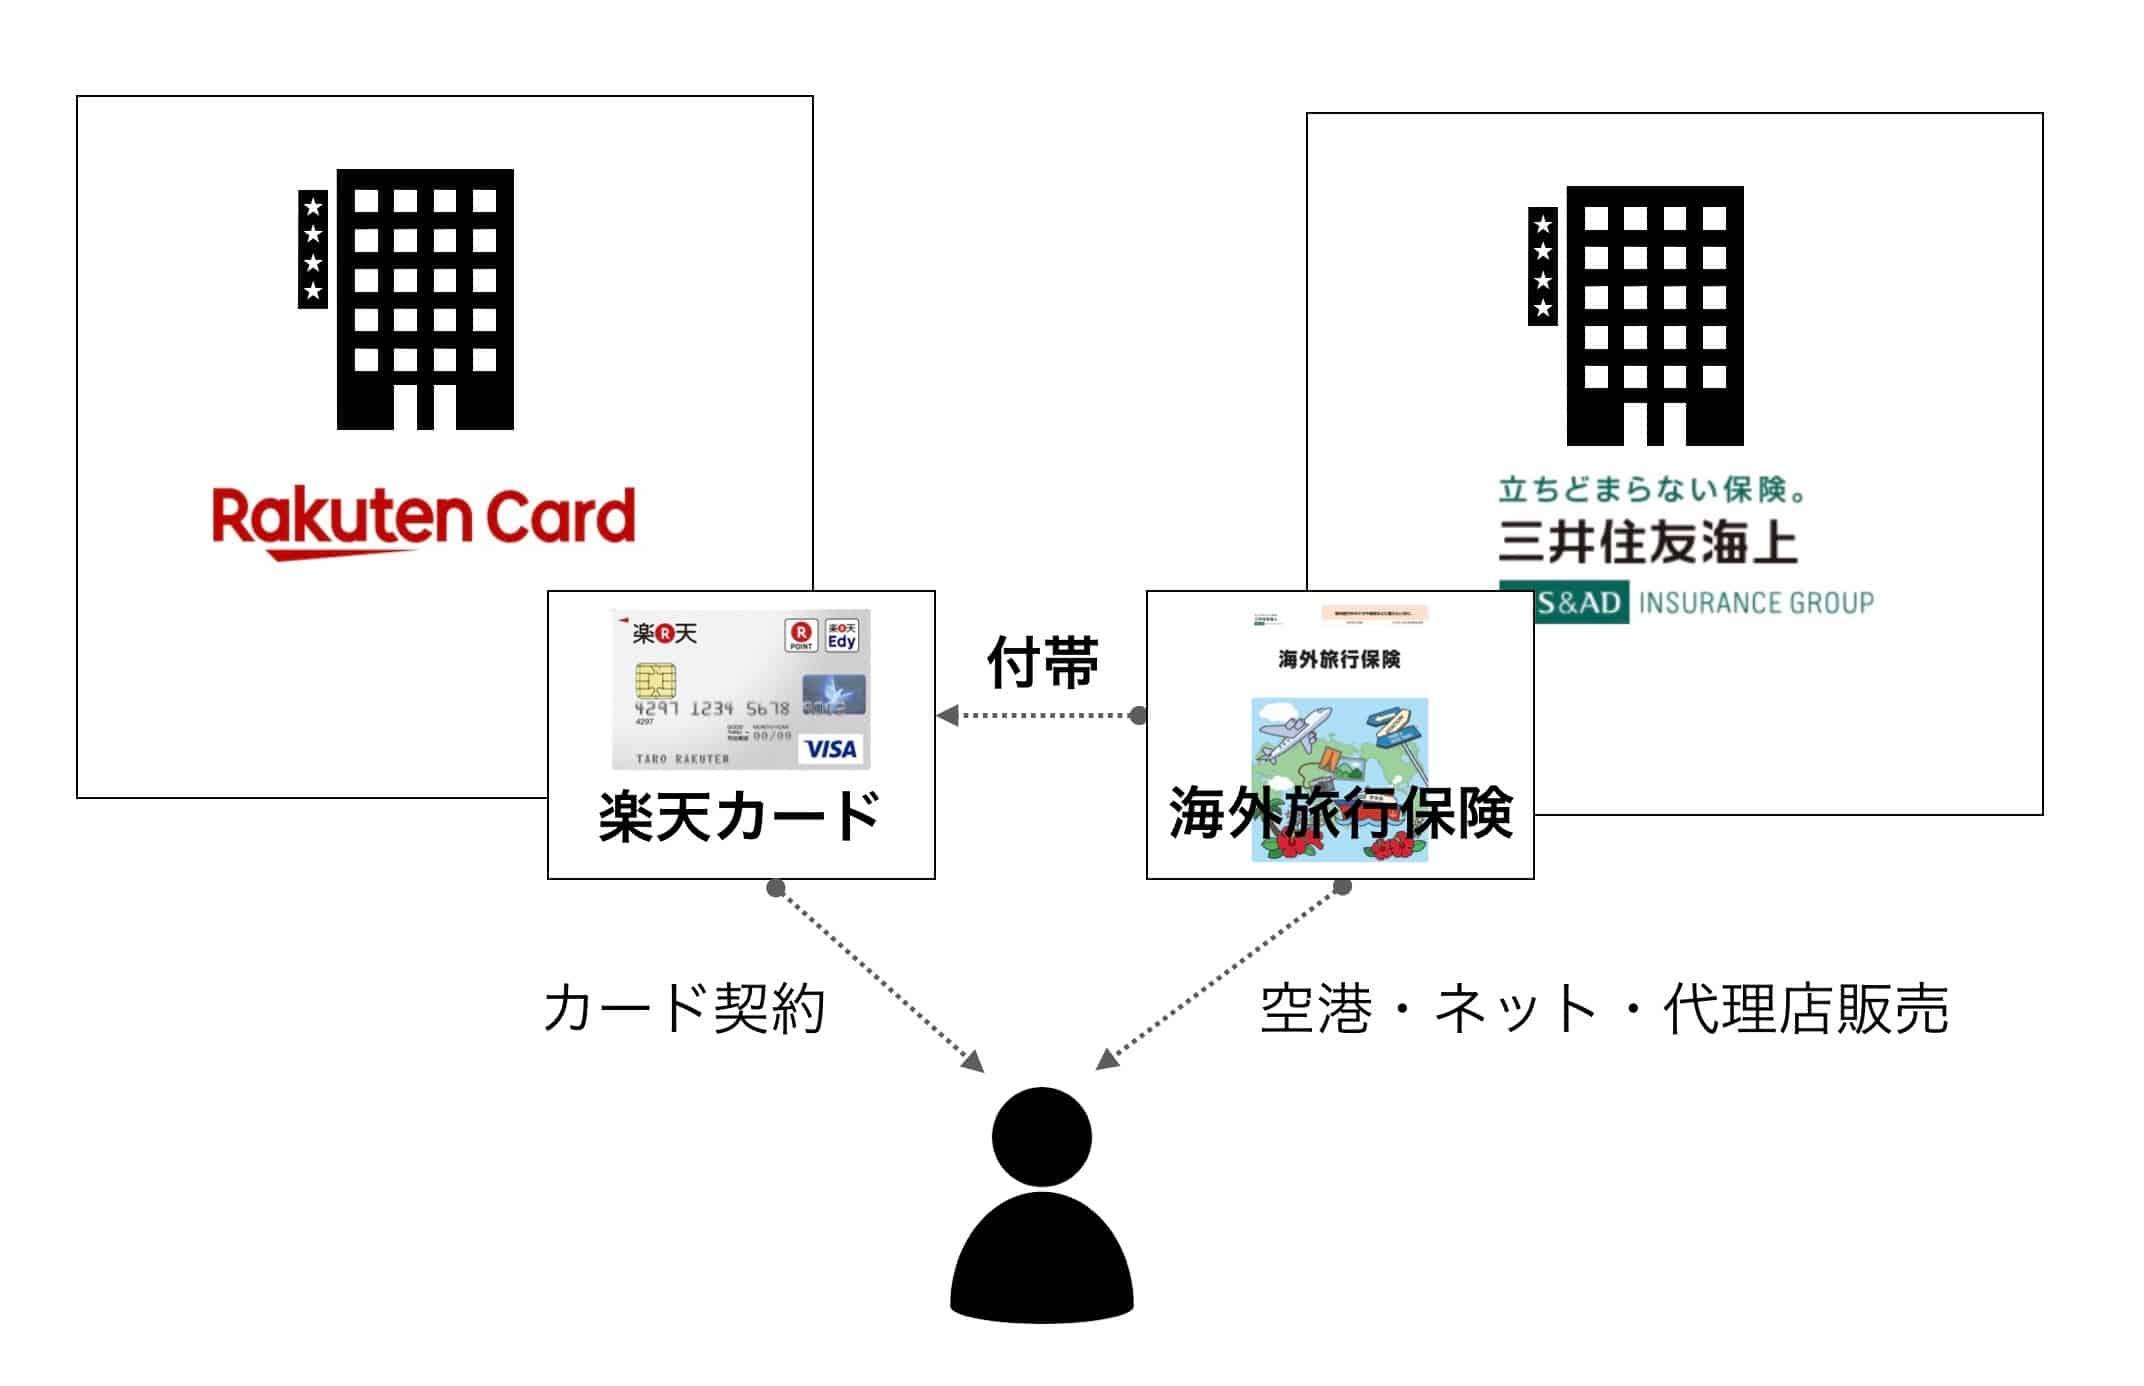 クレジットカードと保険会社の海外旅行保険の違い